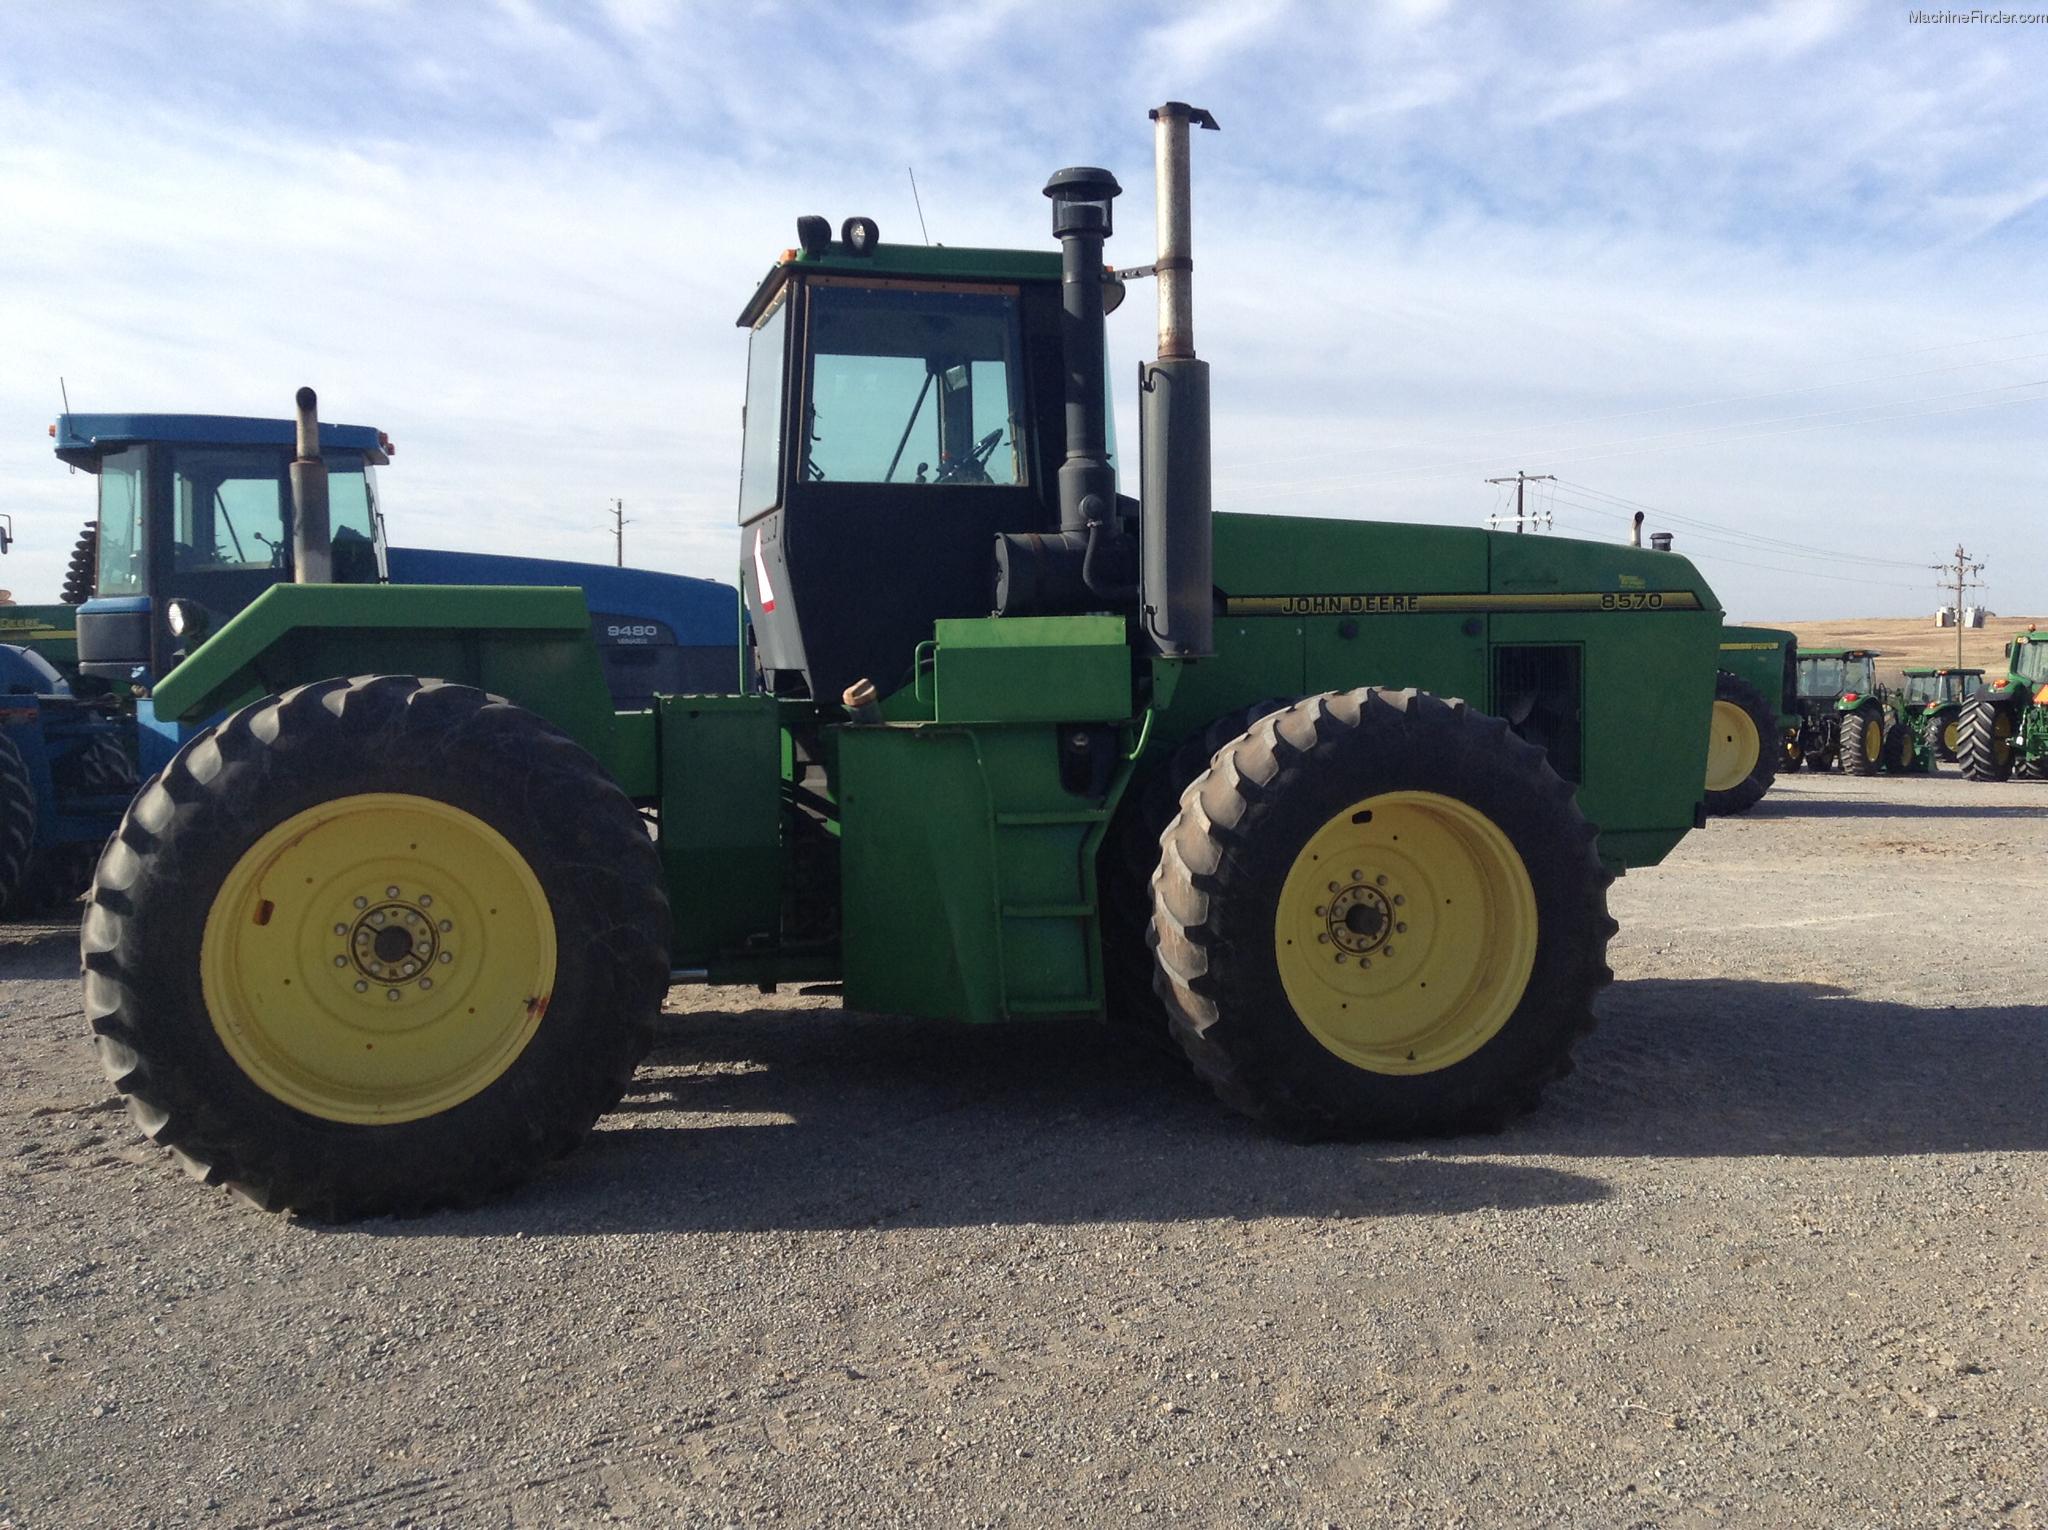 1994 John Deere 8570 Tractors - Articulated 4WD - John ...